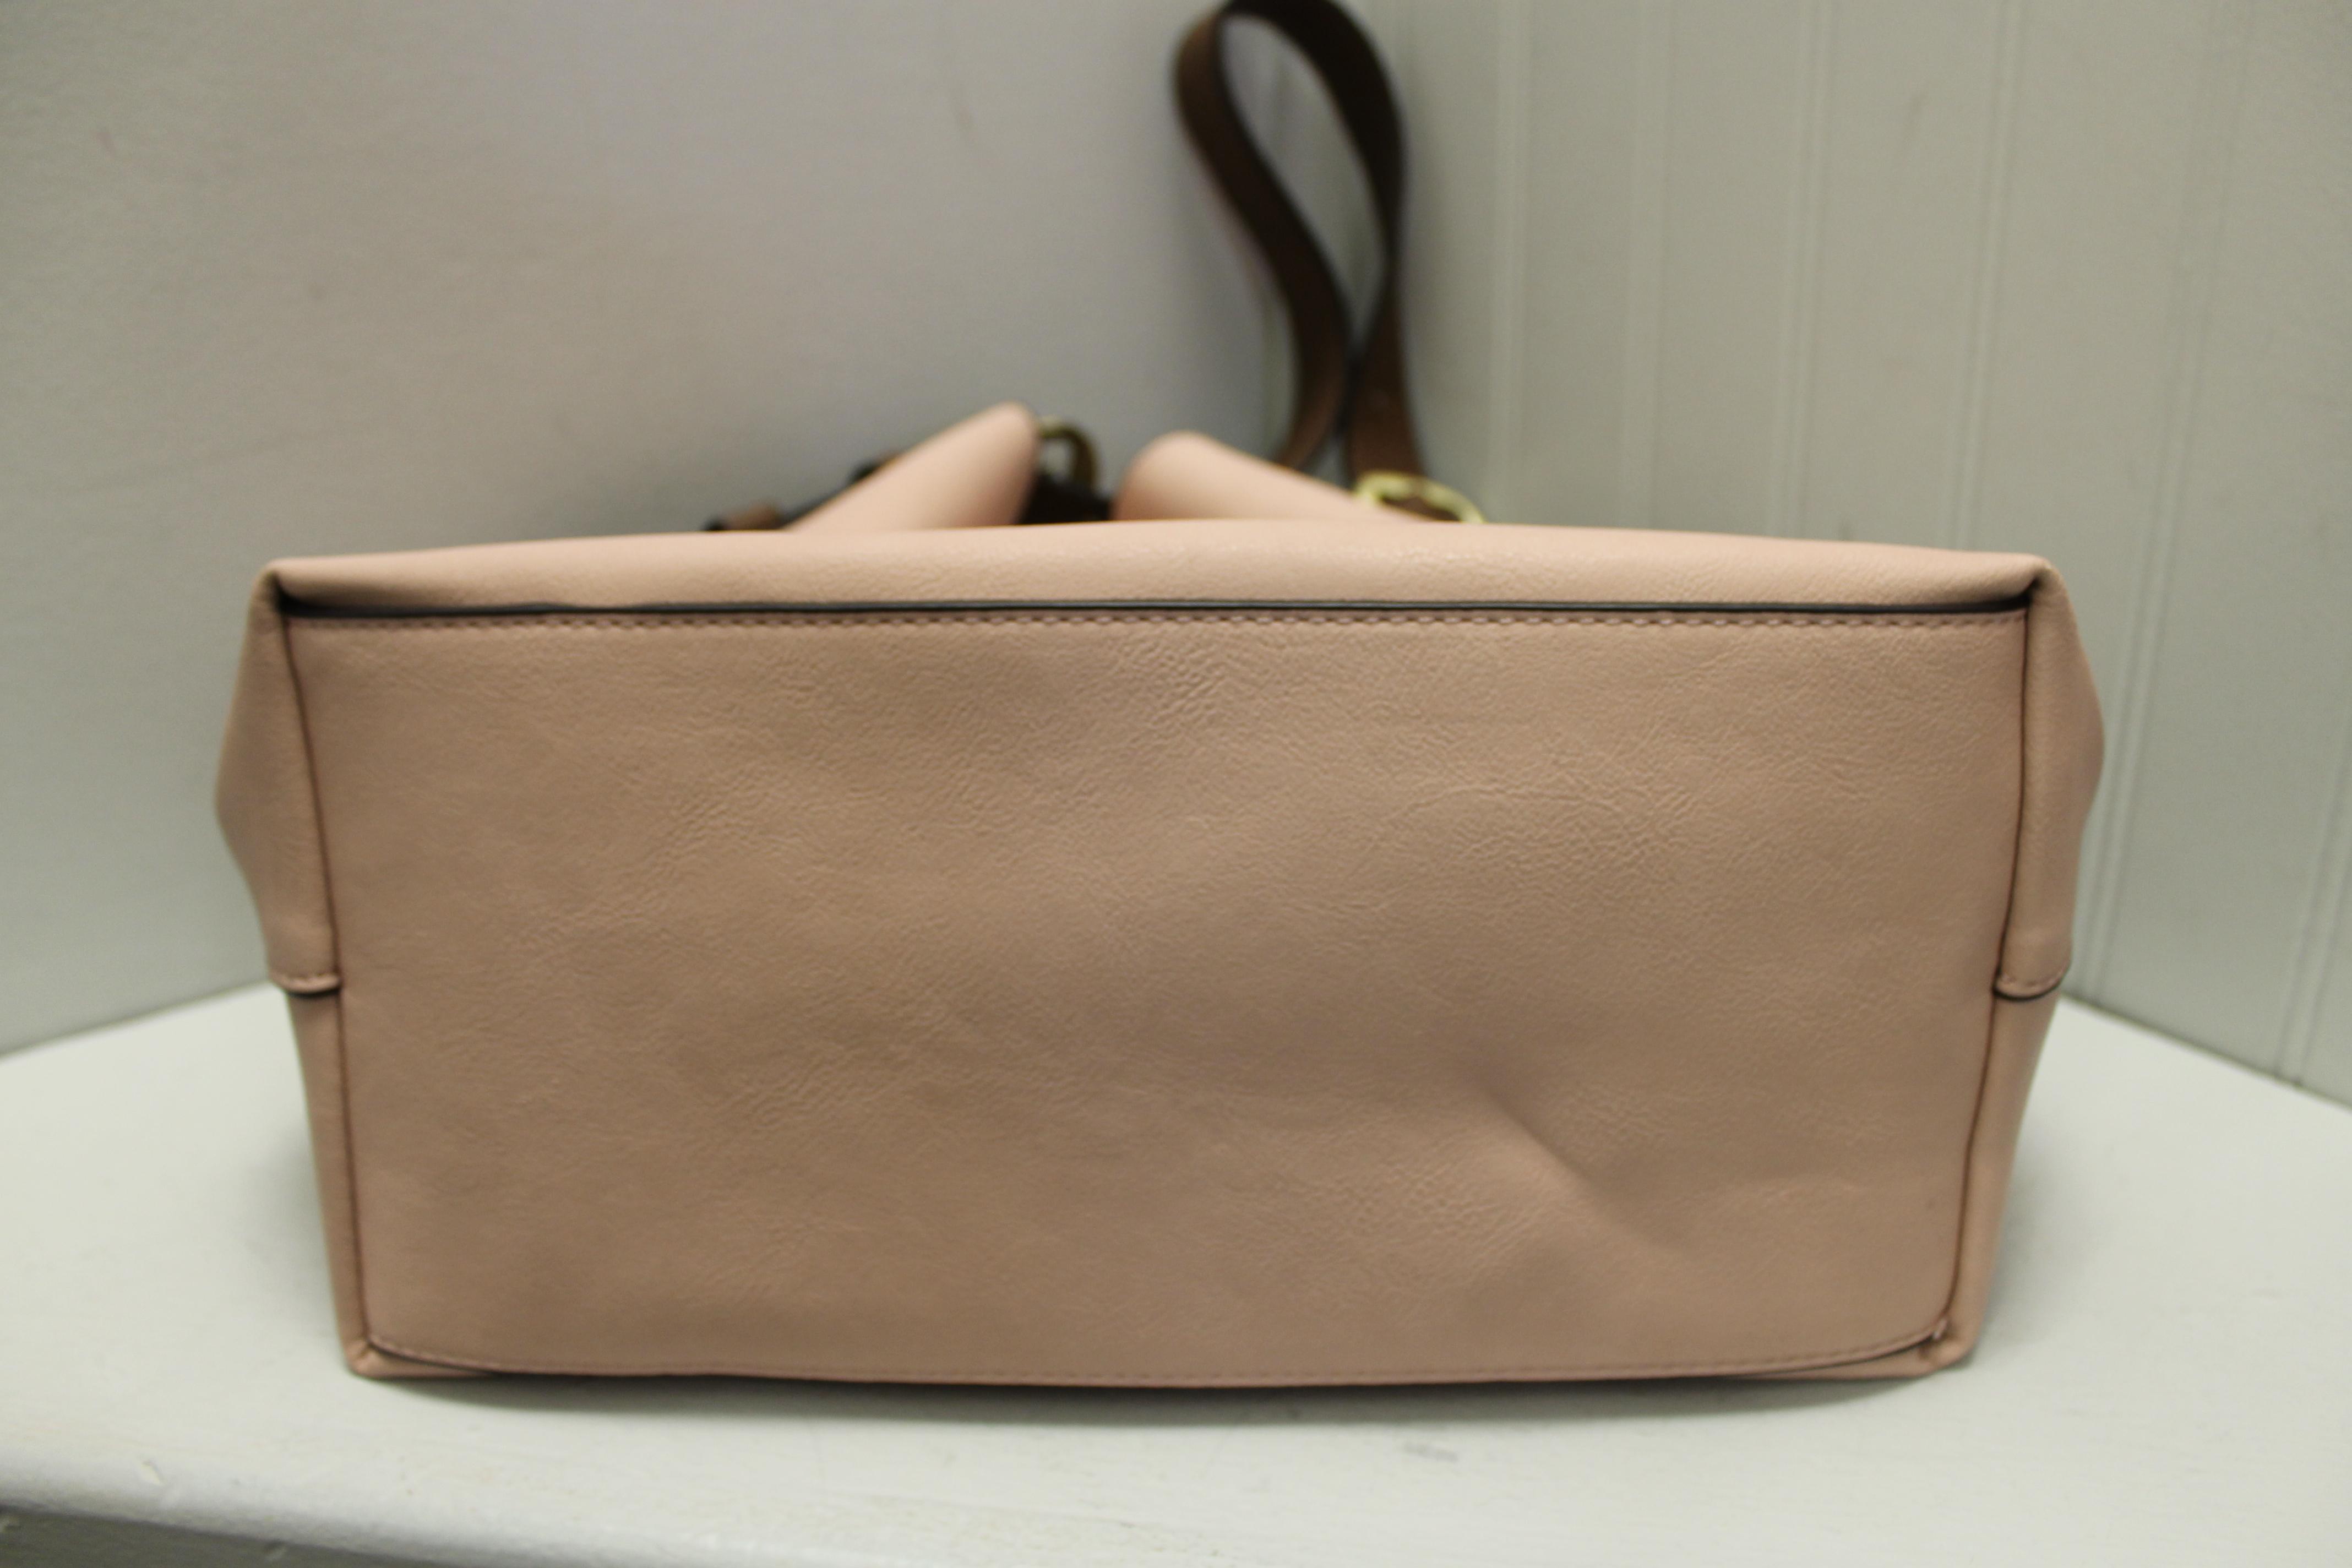 SUSAN-JOY-PALE-PINK-AND-BROWN-Leather-Solid-SHOULDER-BAG_88567D.jpg